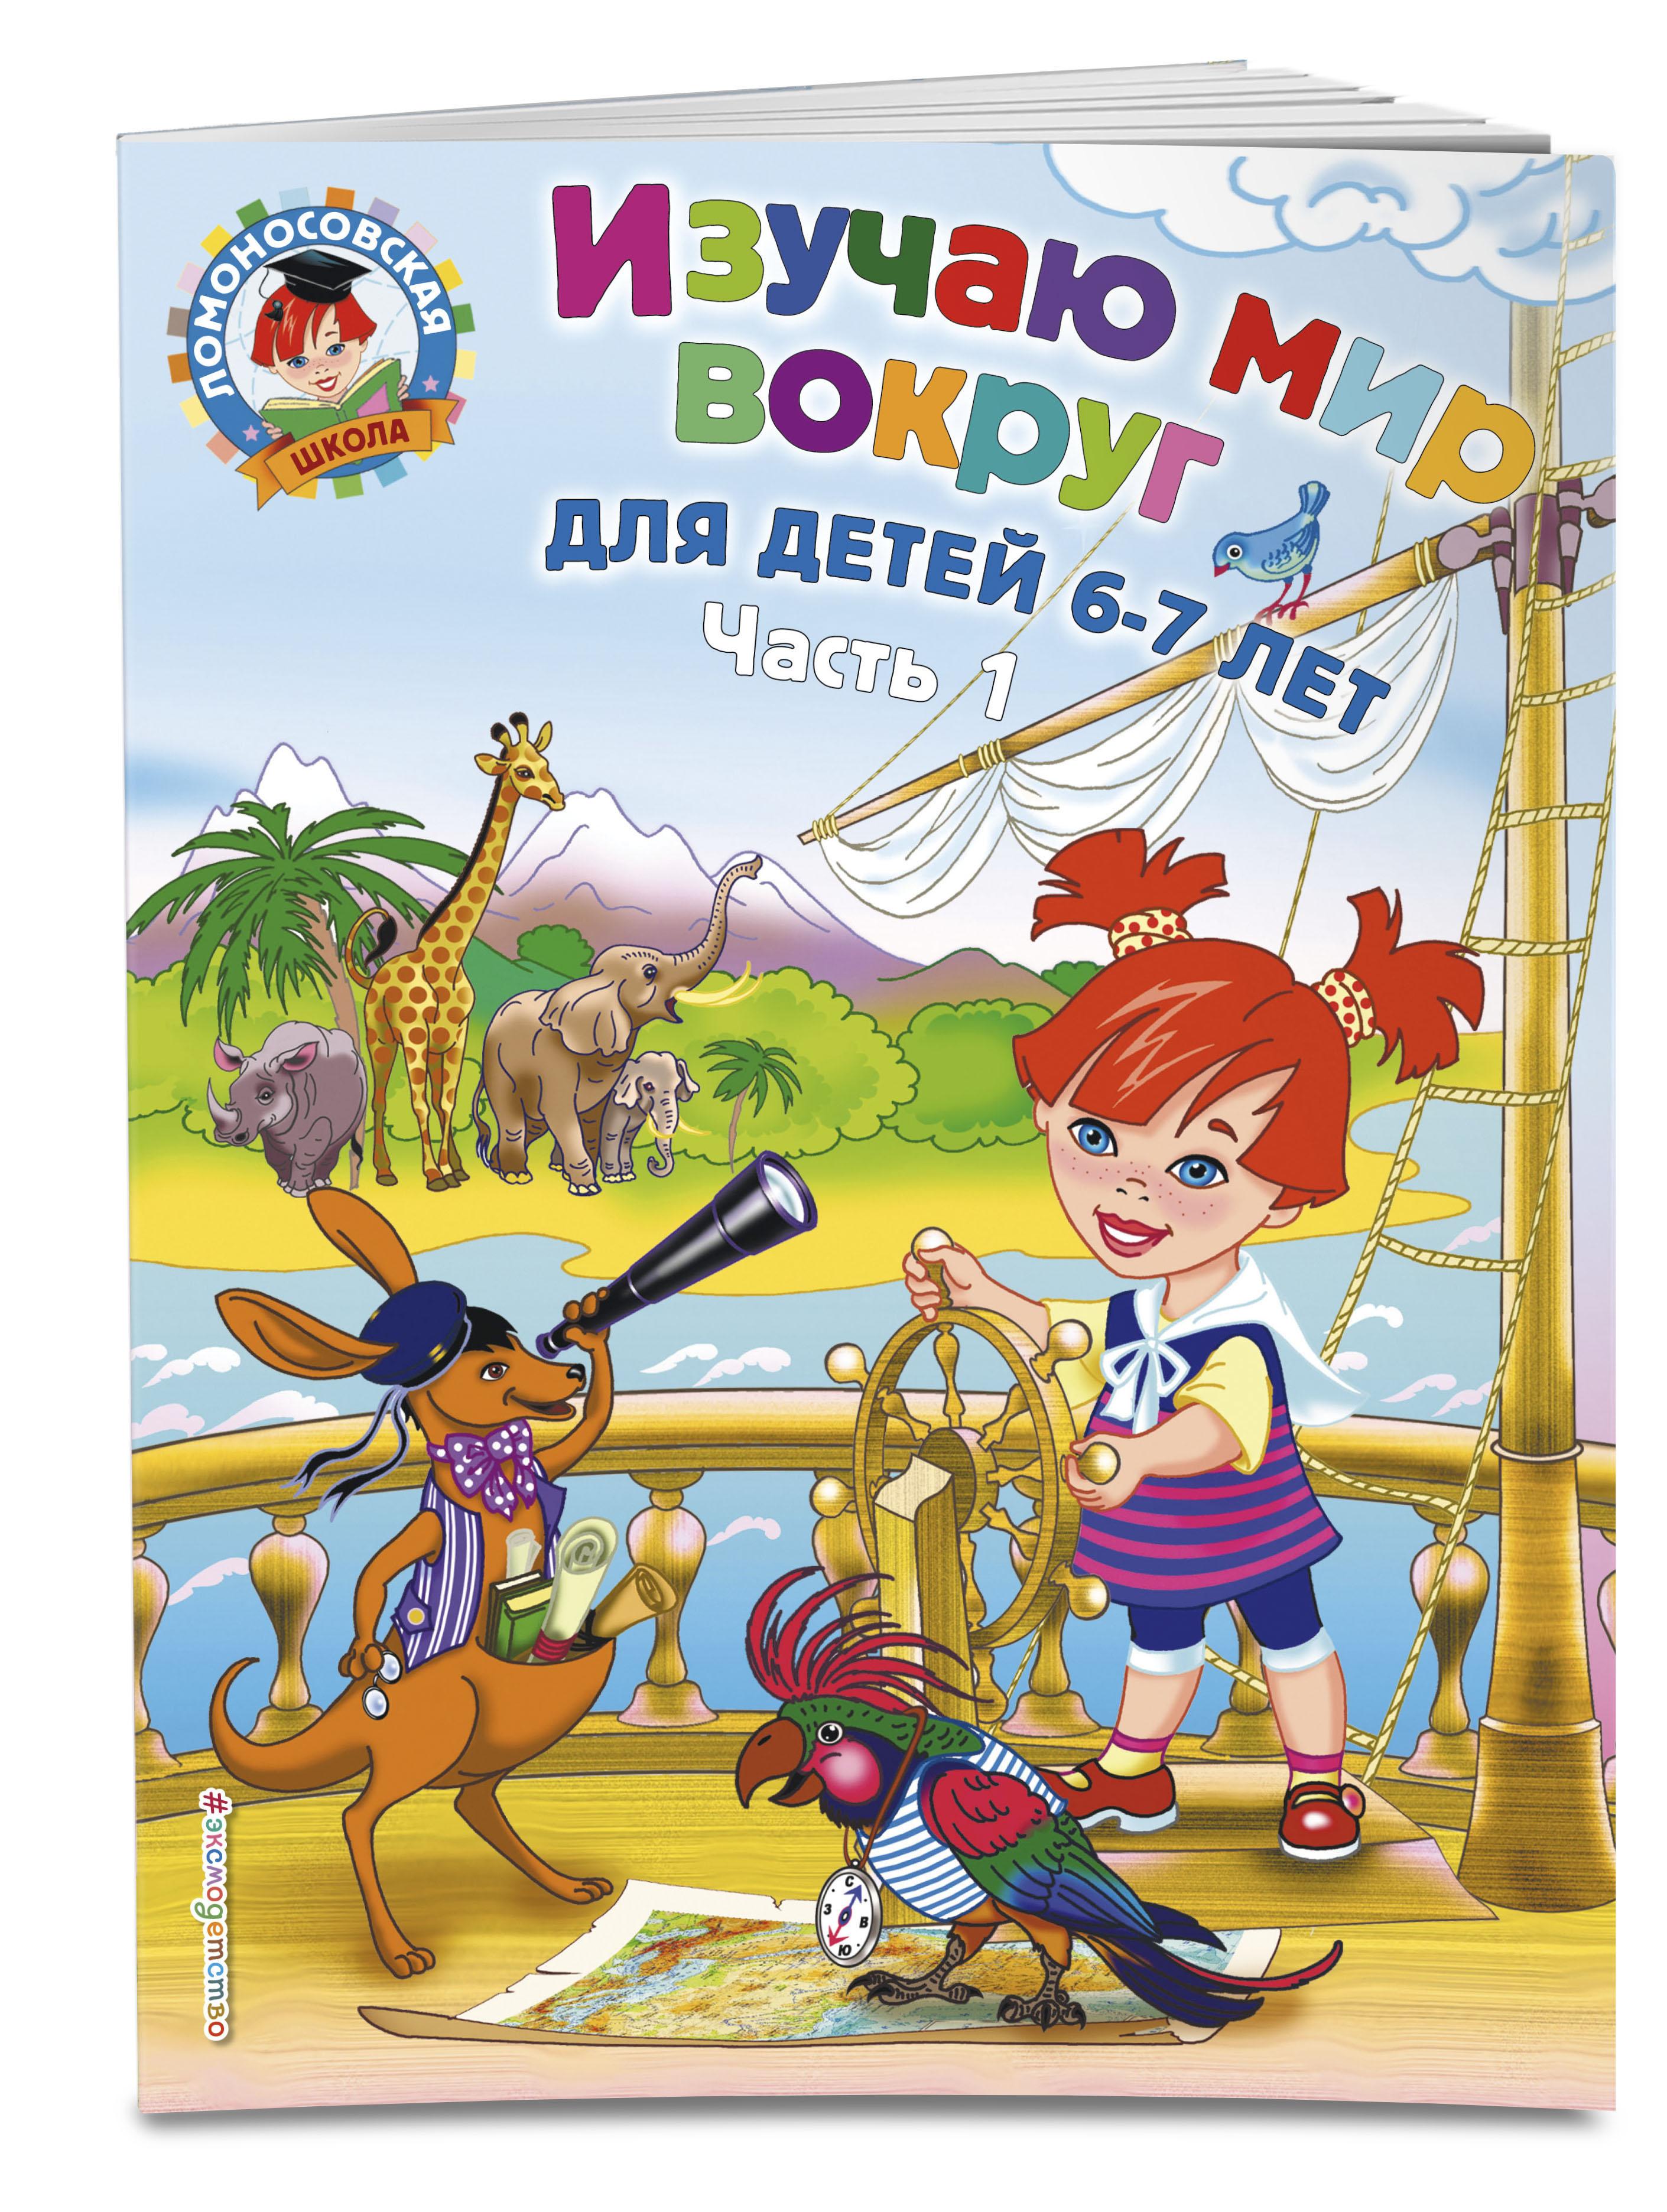 Липская Н.М. Изучаю мир вокруг: для детей 6-7 лет. Ч. 1 изучаю мир вокруг для детей 6 7 лет в 2 ч ч 2